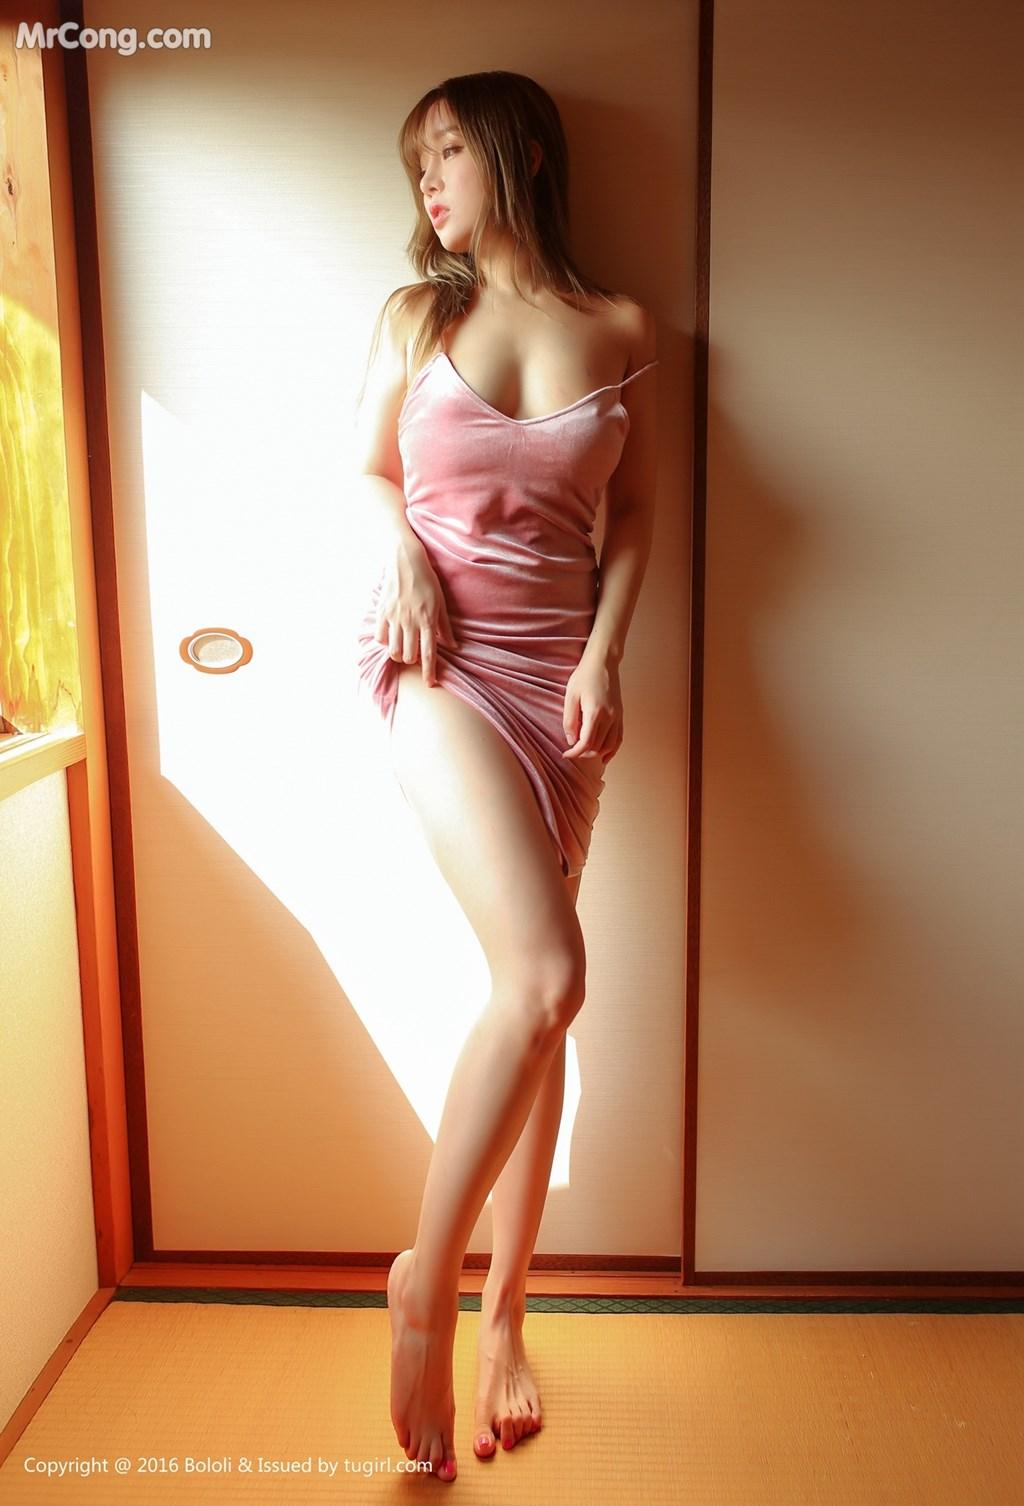 Gambar: BoLoli-2017-08-14-Vol.102-Wang-Yu-Chun-MrCong.com-030 dalam posting BoLoli 2017-08-14 Vol.102: Model Wang Yu Chun (王 雨 纯) (49 foto)